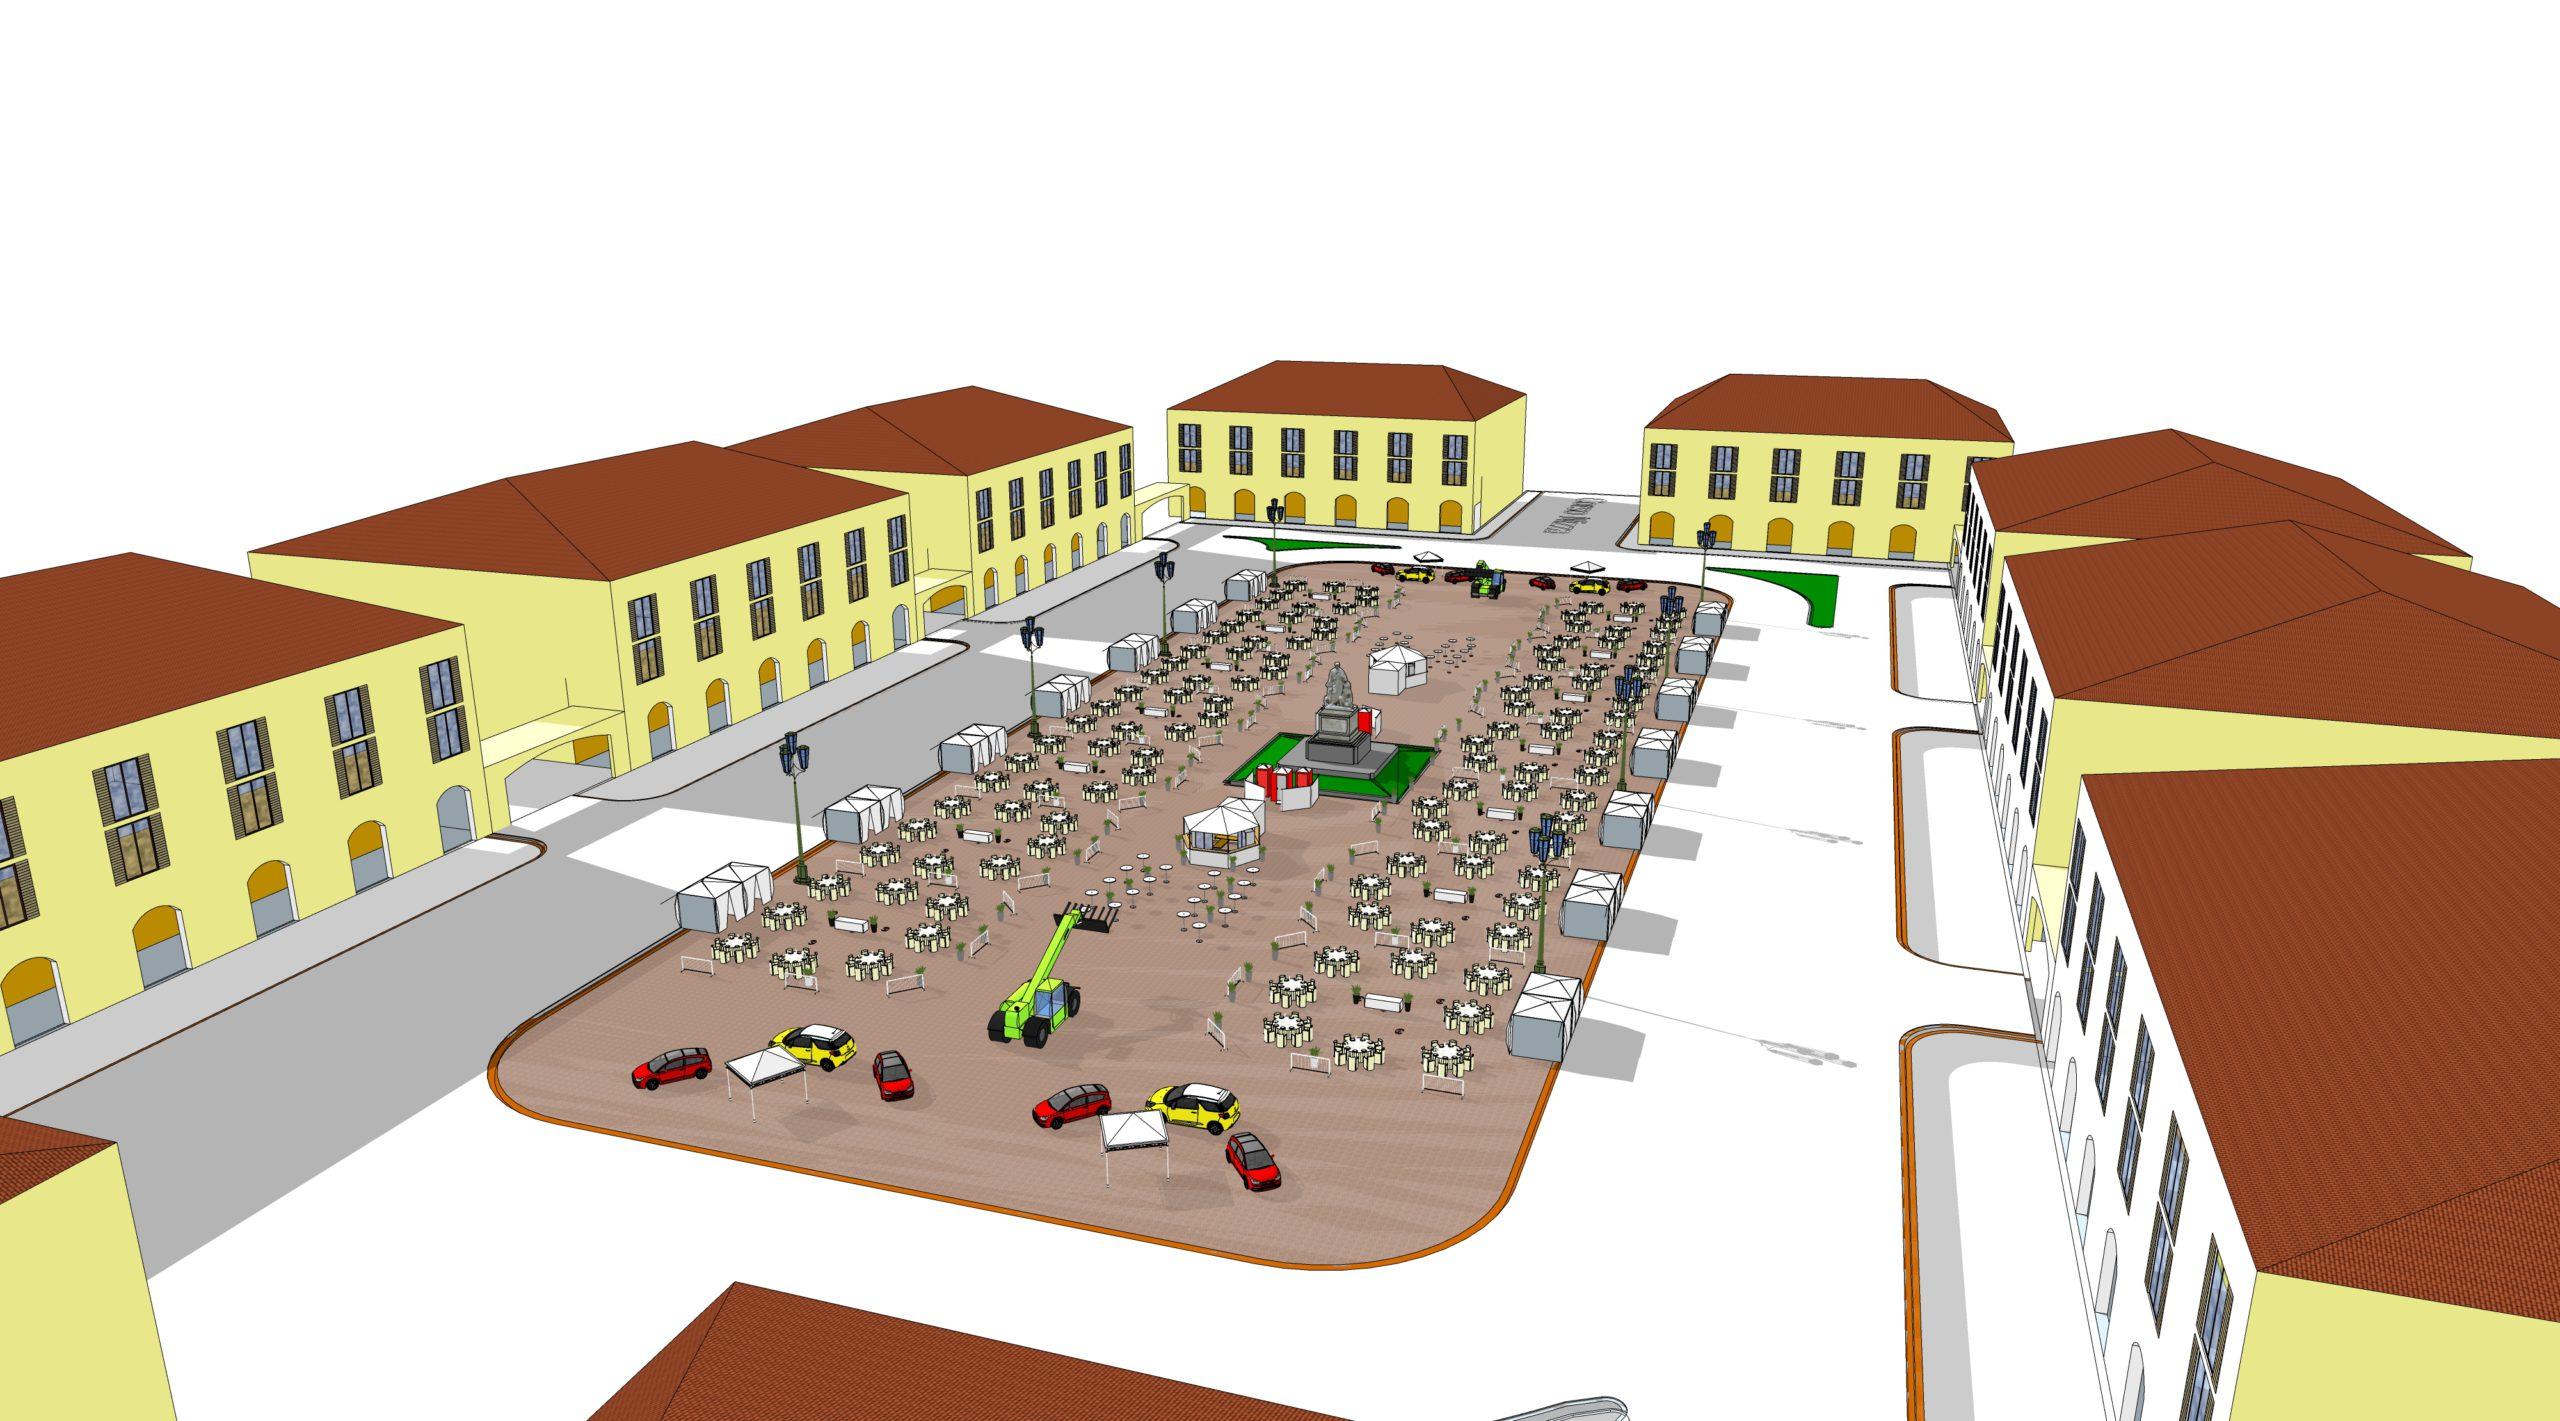 Un rendering dell'allestimento di piazza Galimberti, teatro de Il Salotto delle Stelle organizzato dalla Sidevents